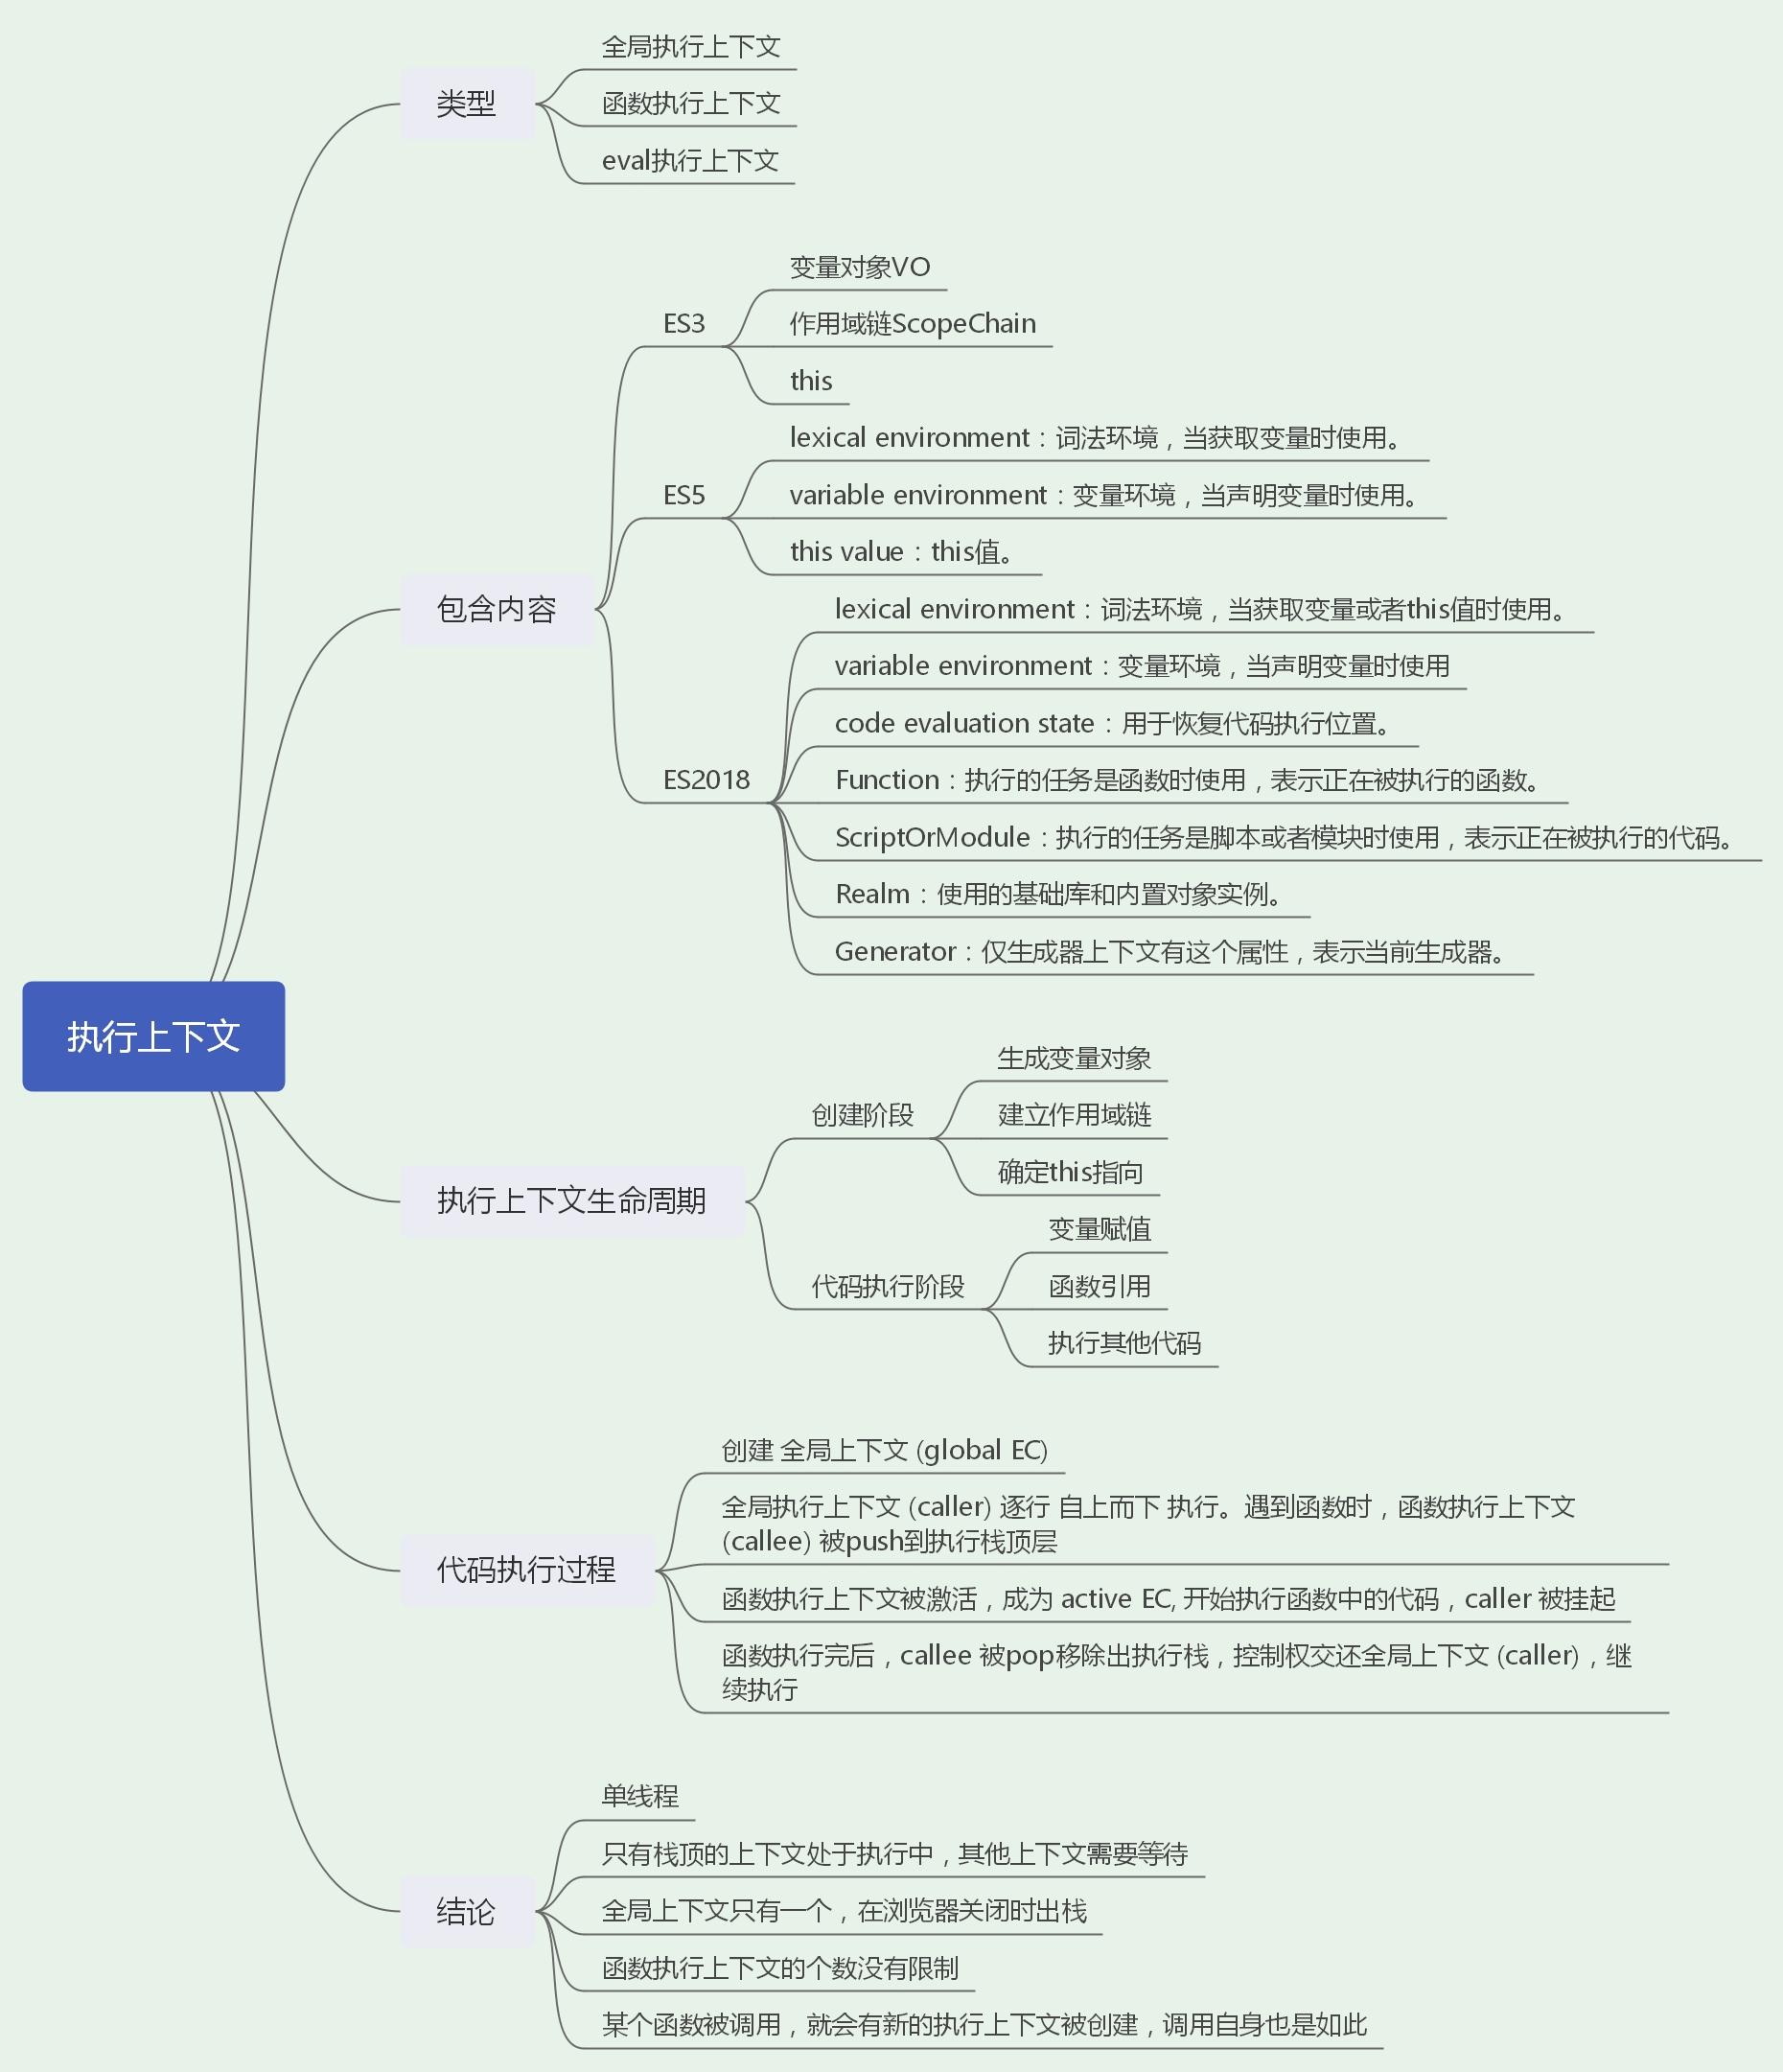 圖解JavaScript——進階篇(執行上下文、變量對象、作用域、作用域鏈、閉包、this、原型及原型鏈、事件循環等 ...